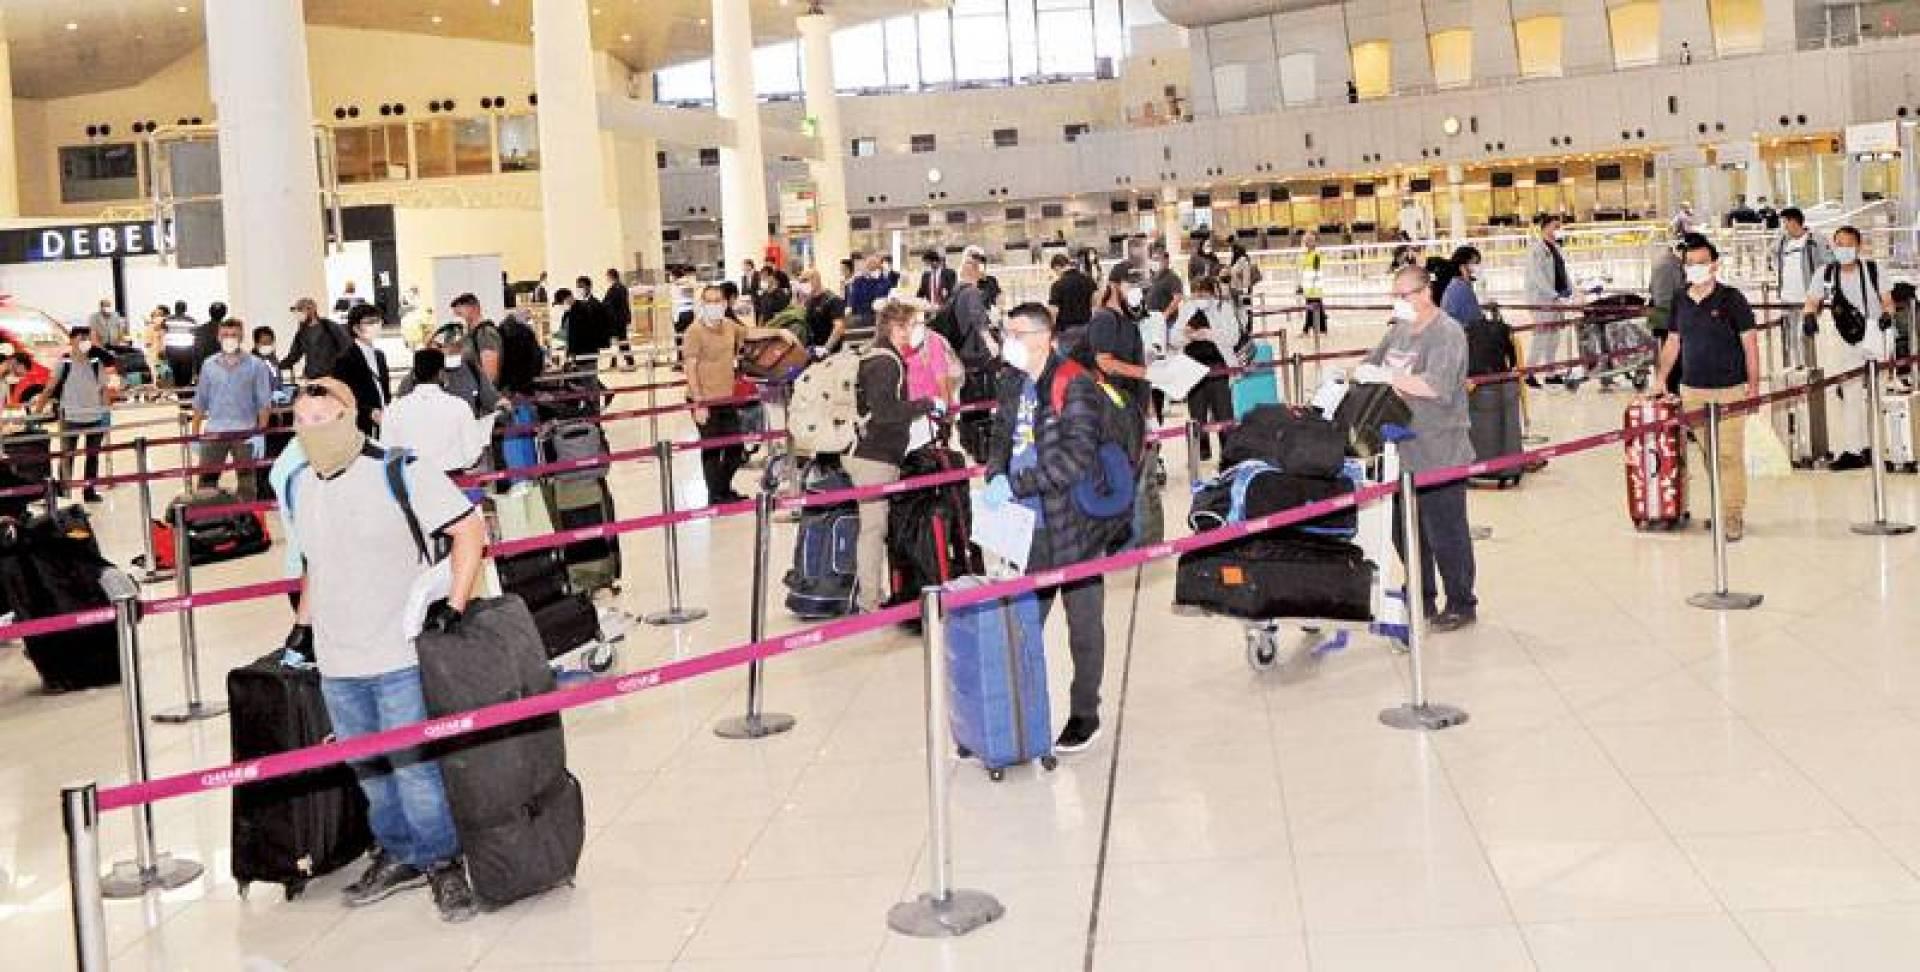 مقيمون مغادرون في المطار لا يعلمون المطلوب حين يعودون (تصوير: سيد سليم)